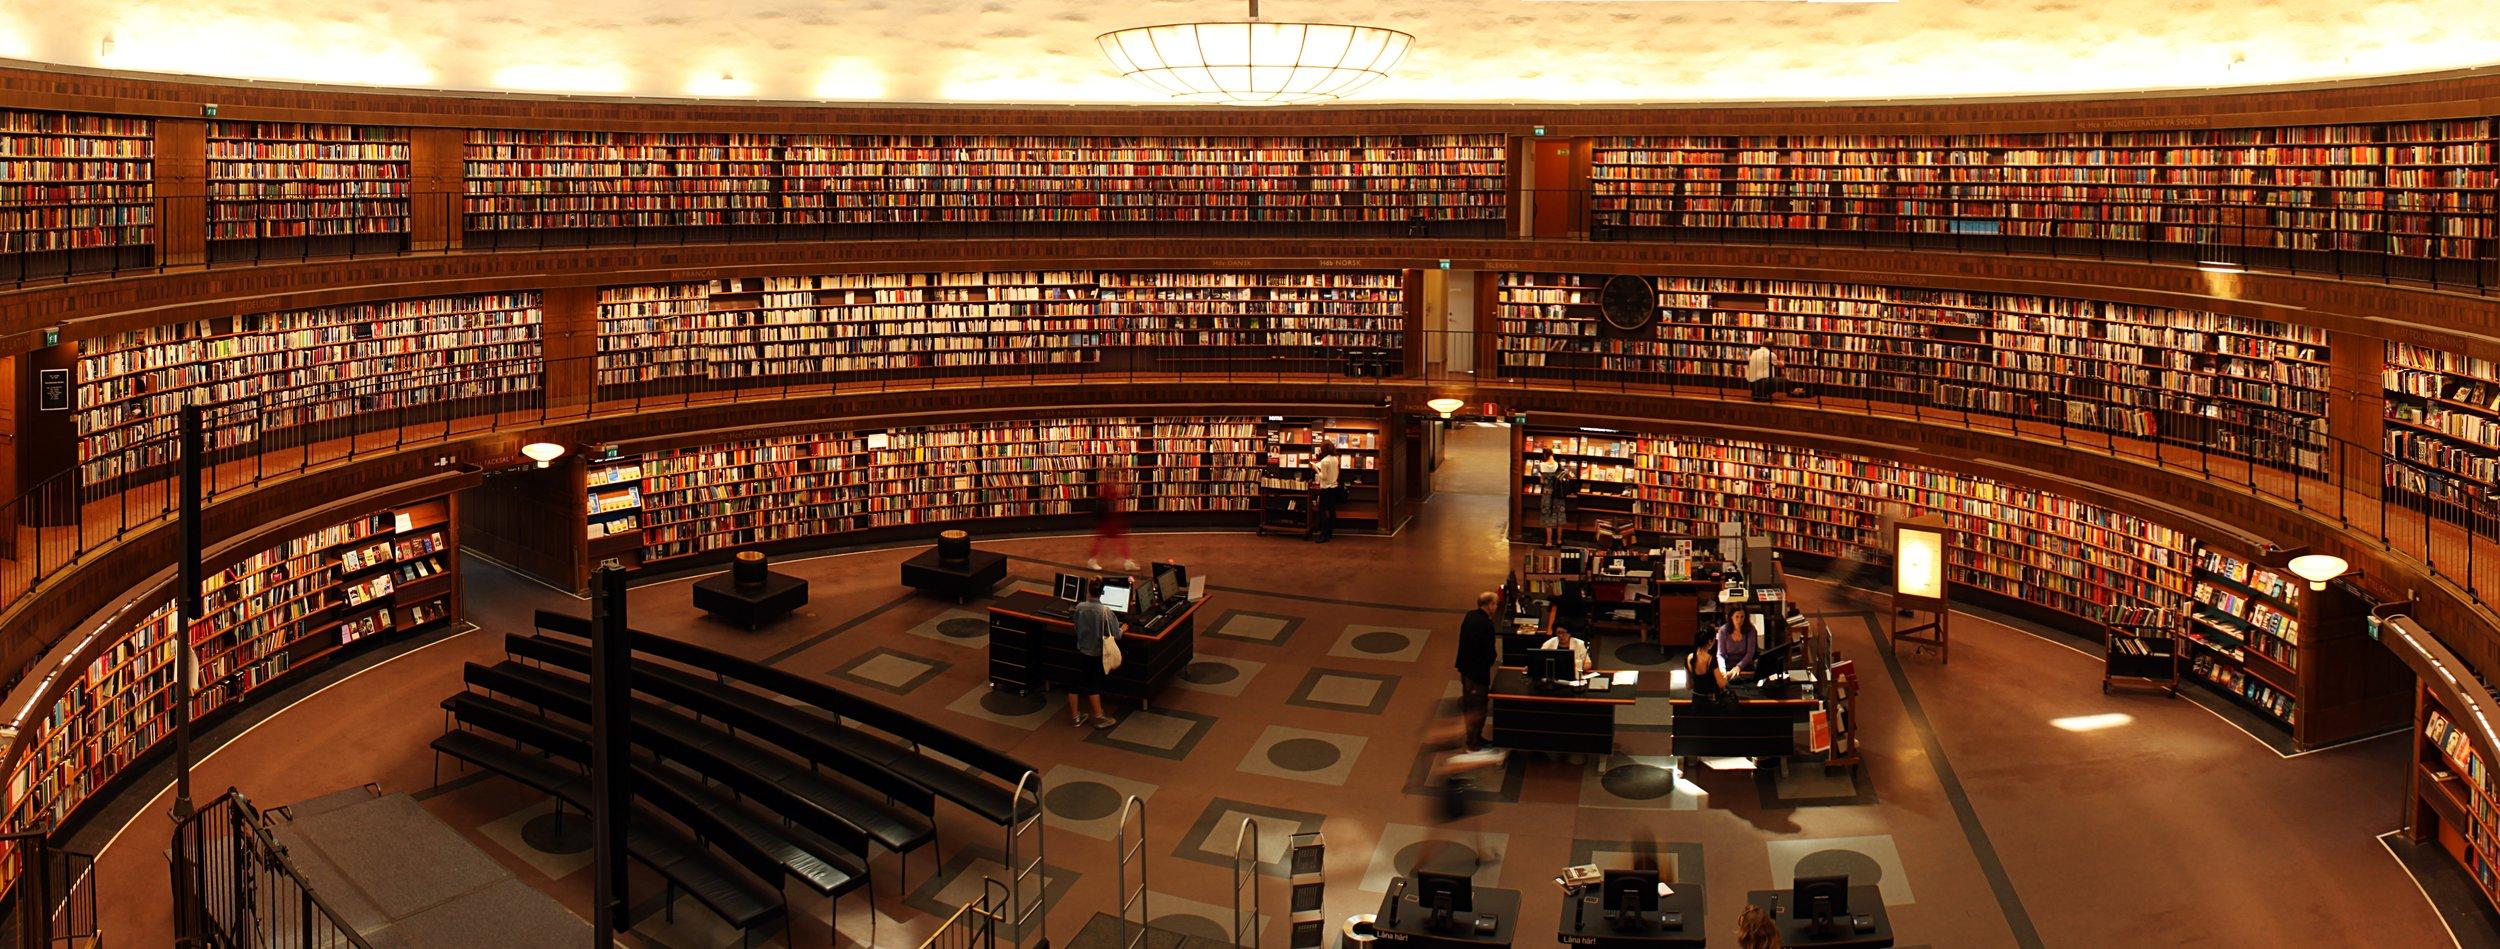 books-1281581.jpg